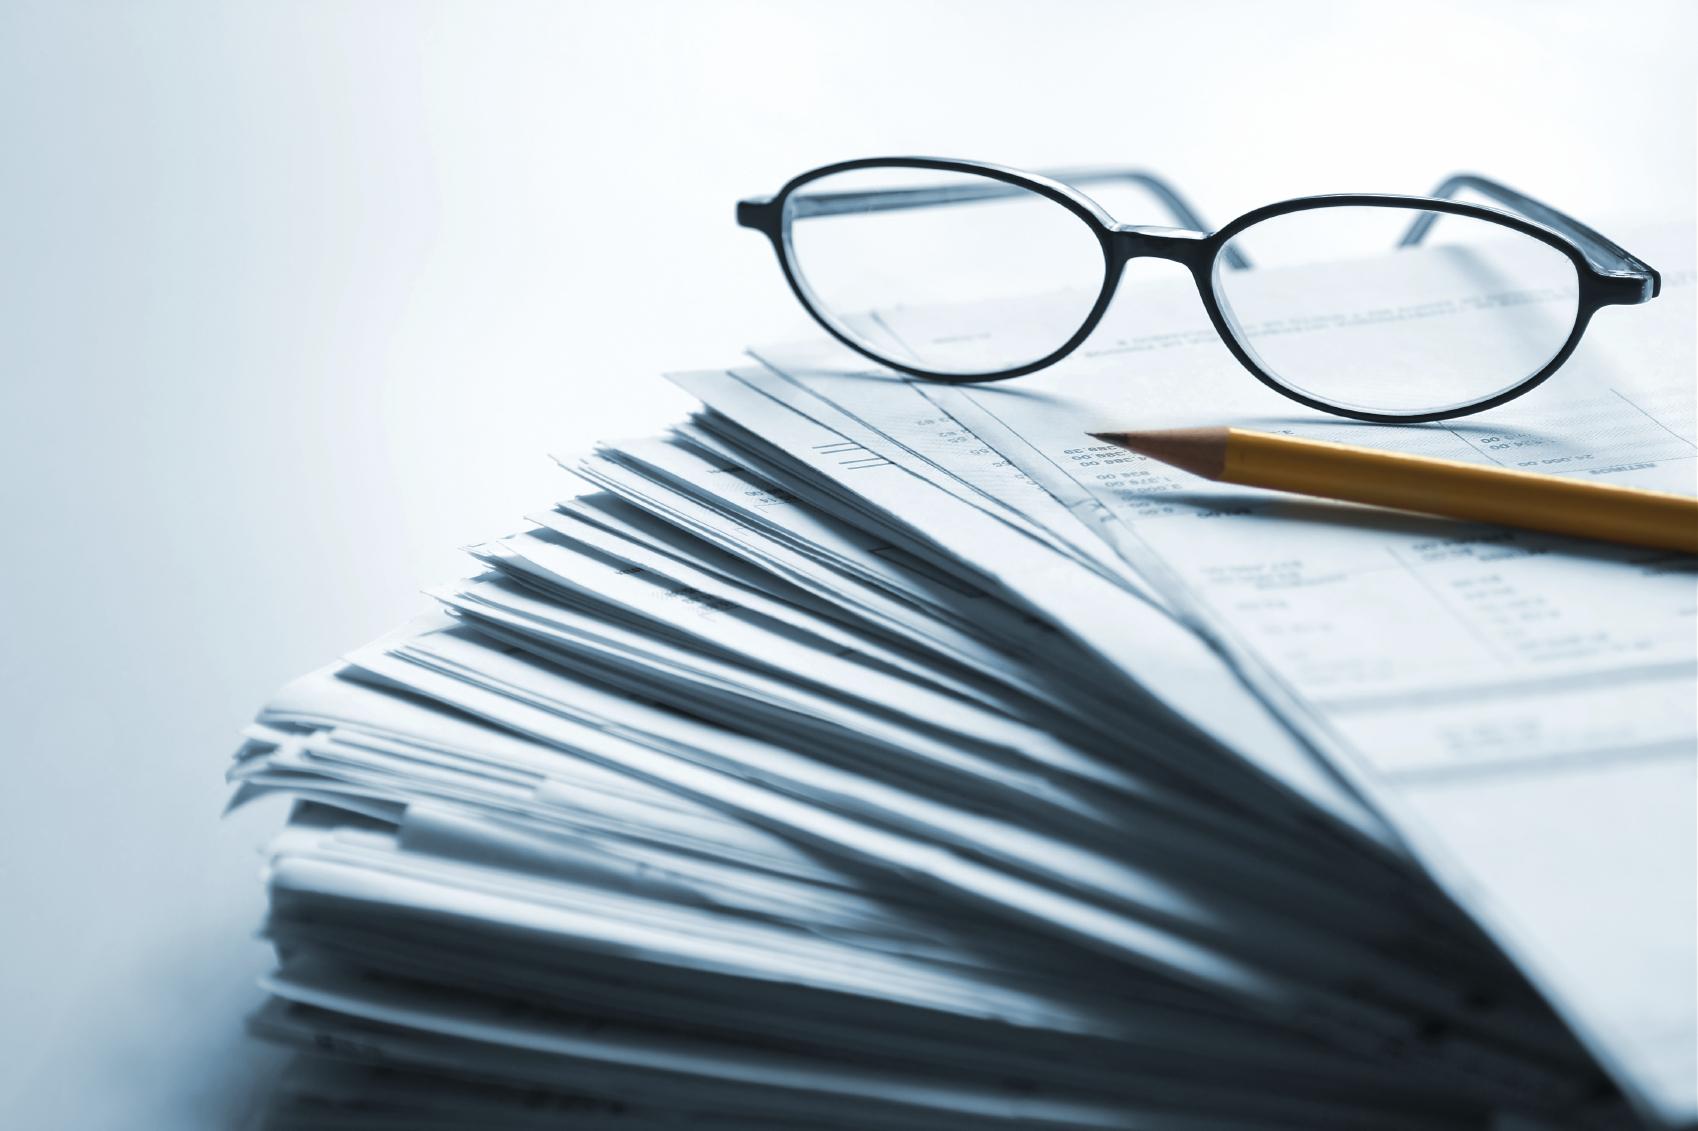 «Интерфакс-Недвижимость»: Законопроект о финансовых требованиях к застройщикам <br>пополнился списком запрещенных операций